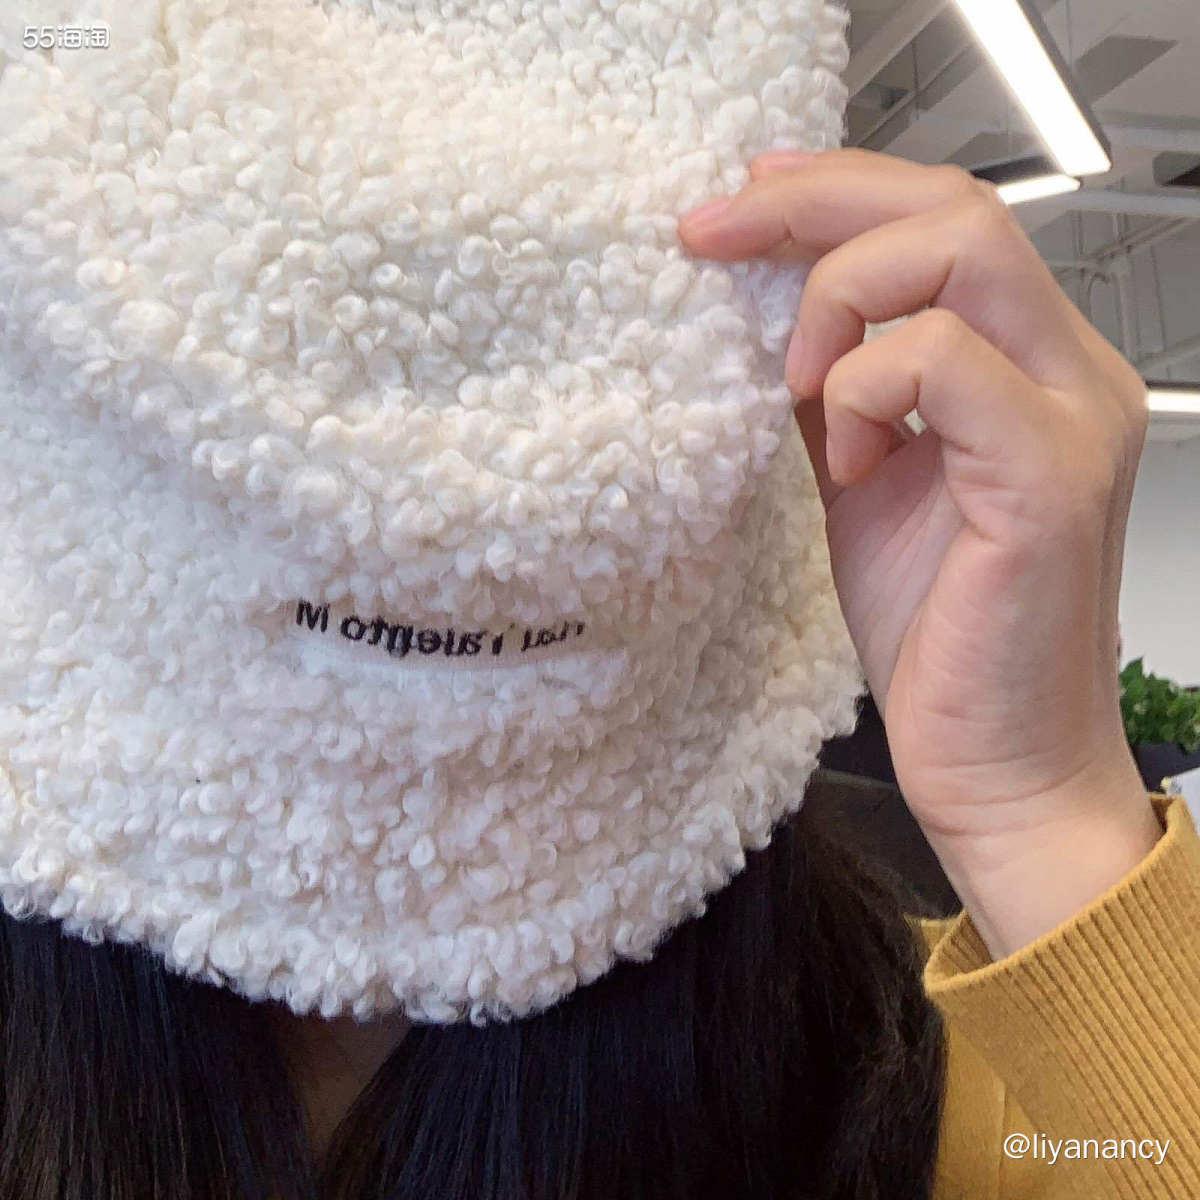 保暖神器推荐 毛绒帽子 拉绒手套  ✨感觉已经好几年没戴过手